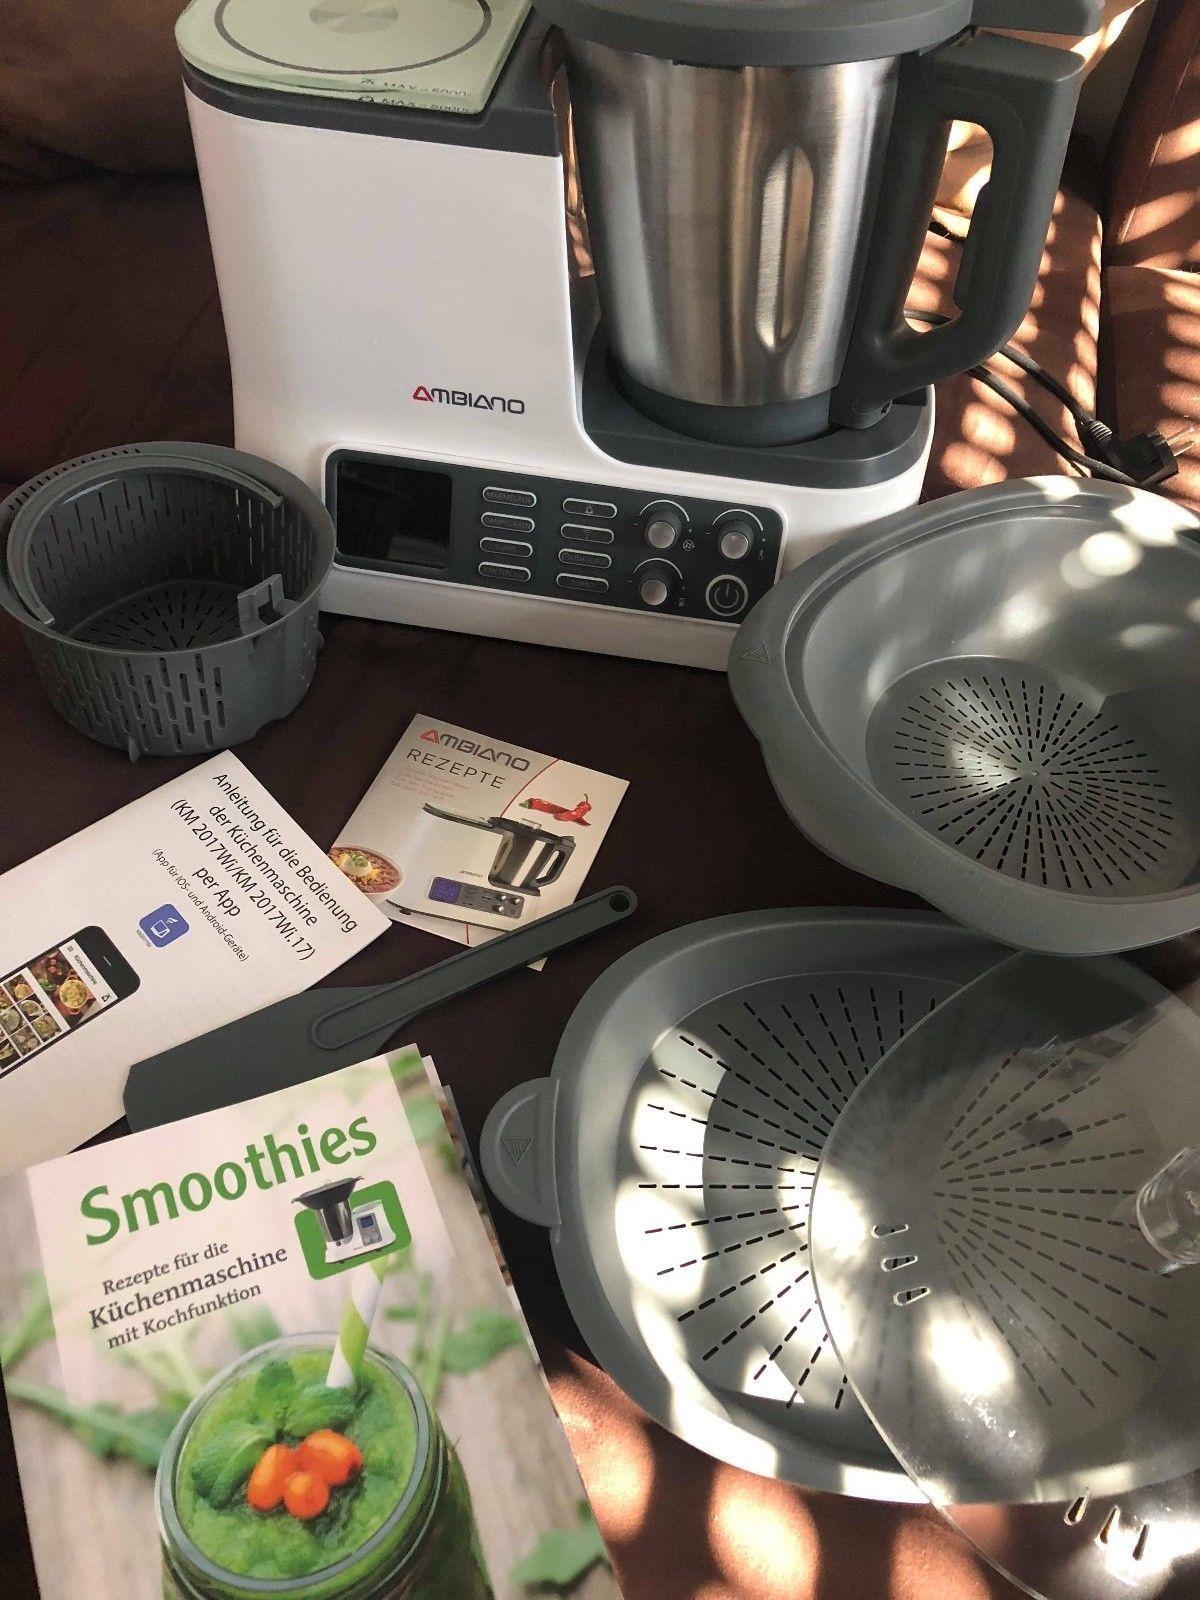 Ambiano Kuchenmaschine Mit Kochfunktion Und Wlan Funktion Von Aldi